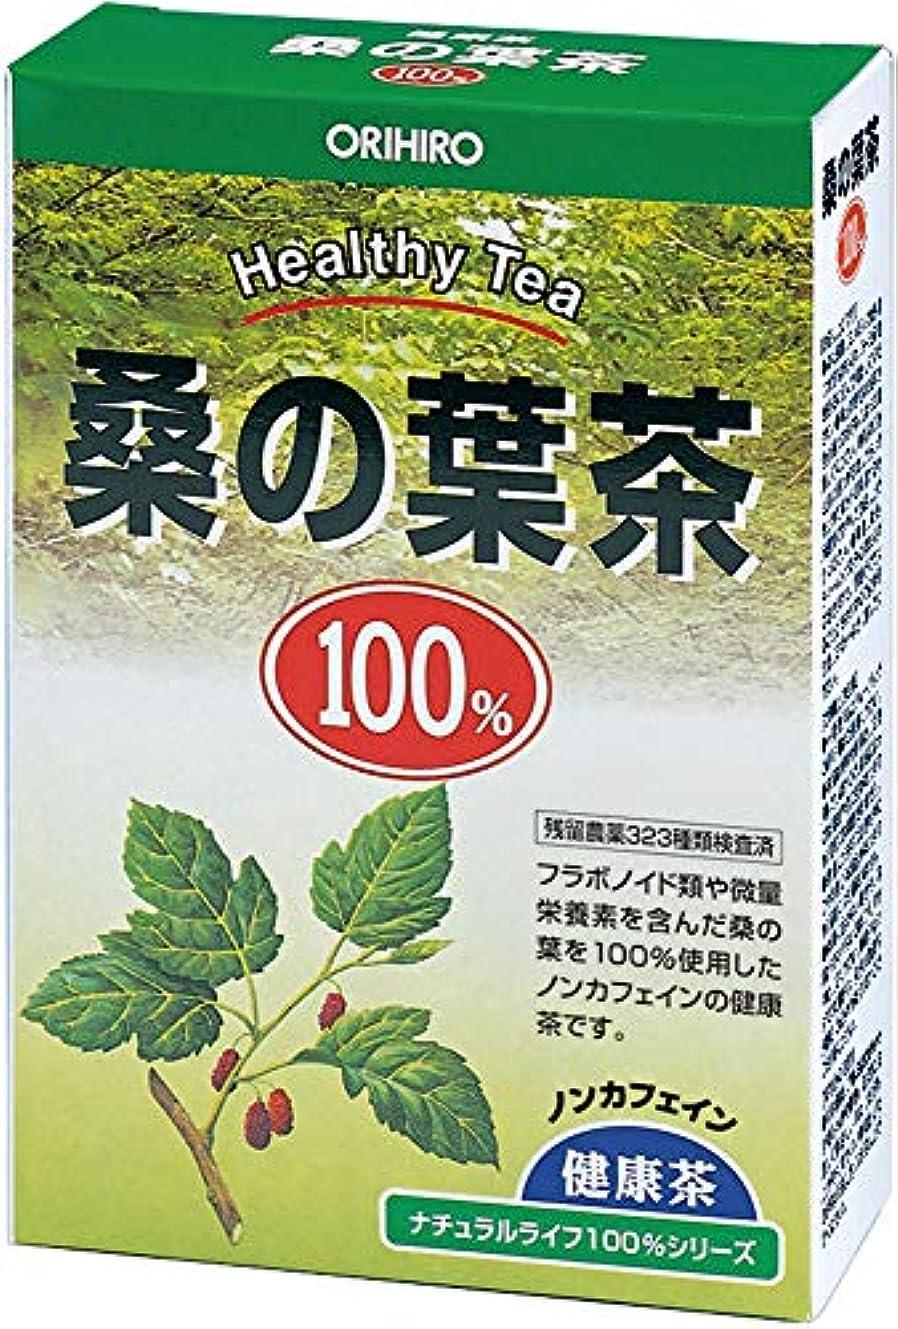 レタスうるさいジャンクションオリヒロ NLティー 100% 桑の葉茶